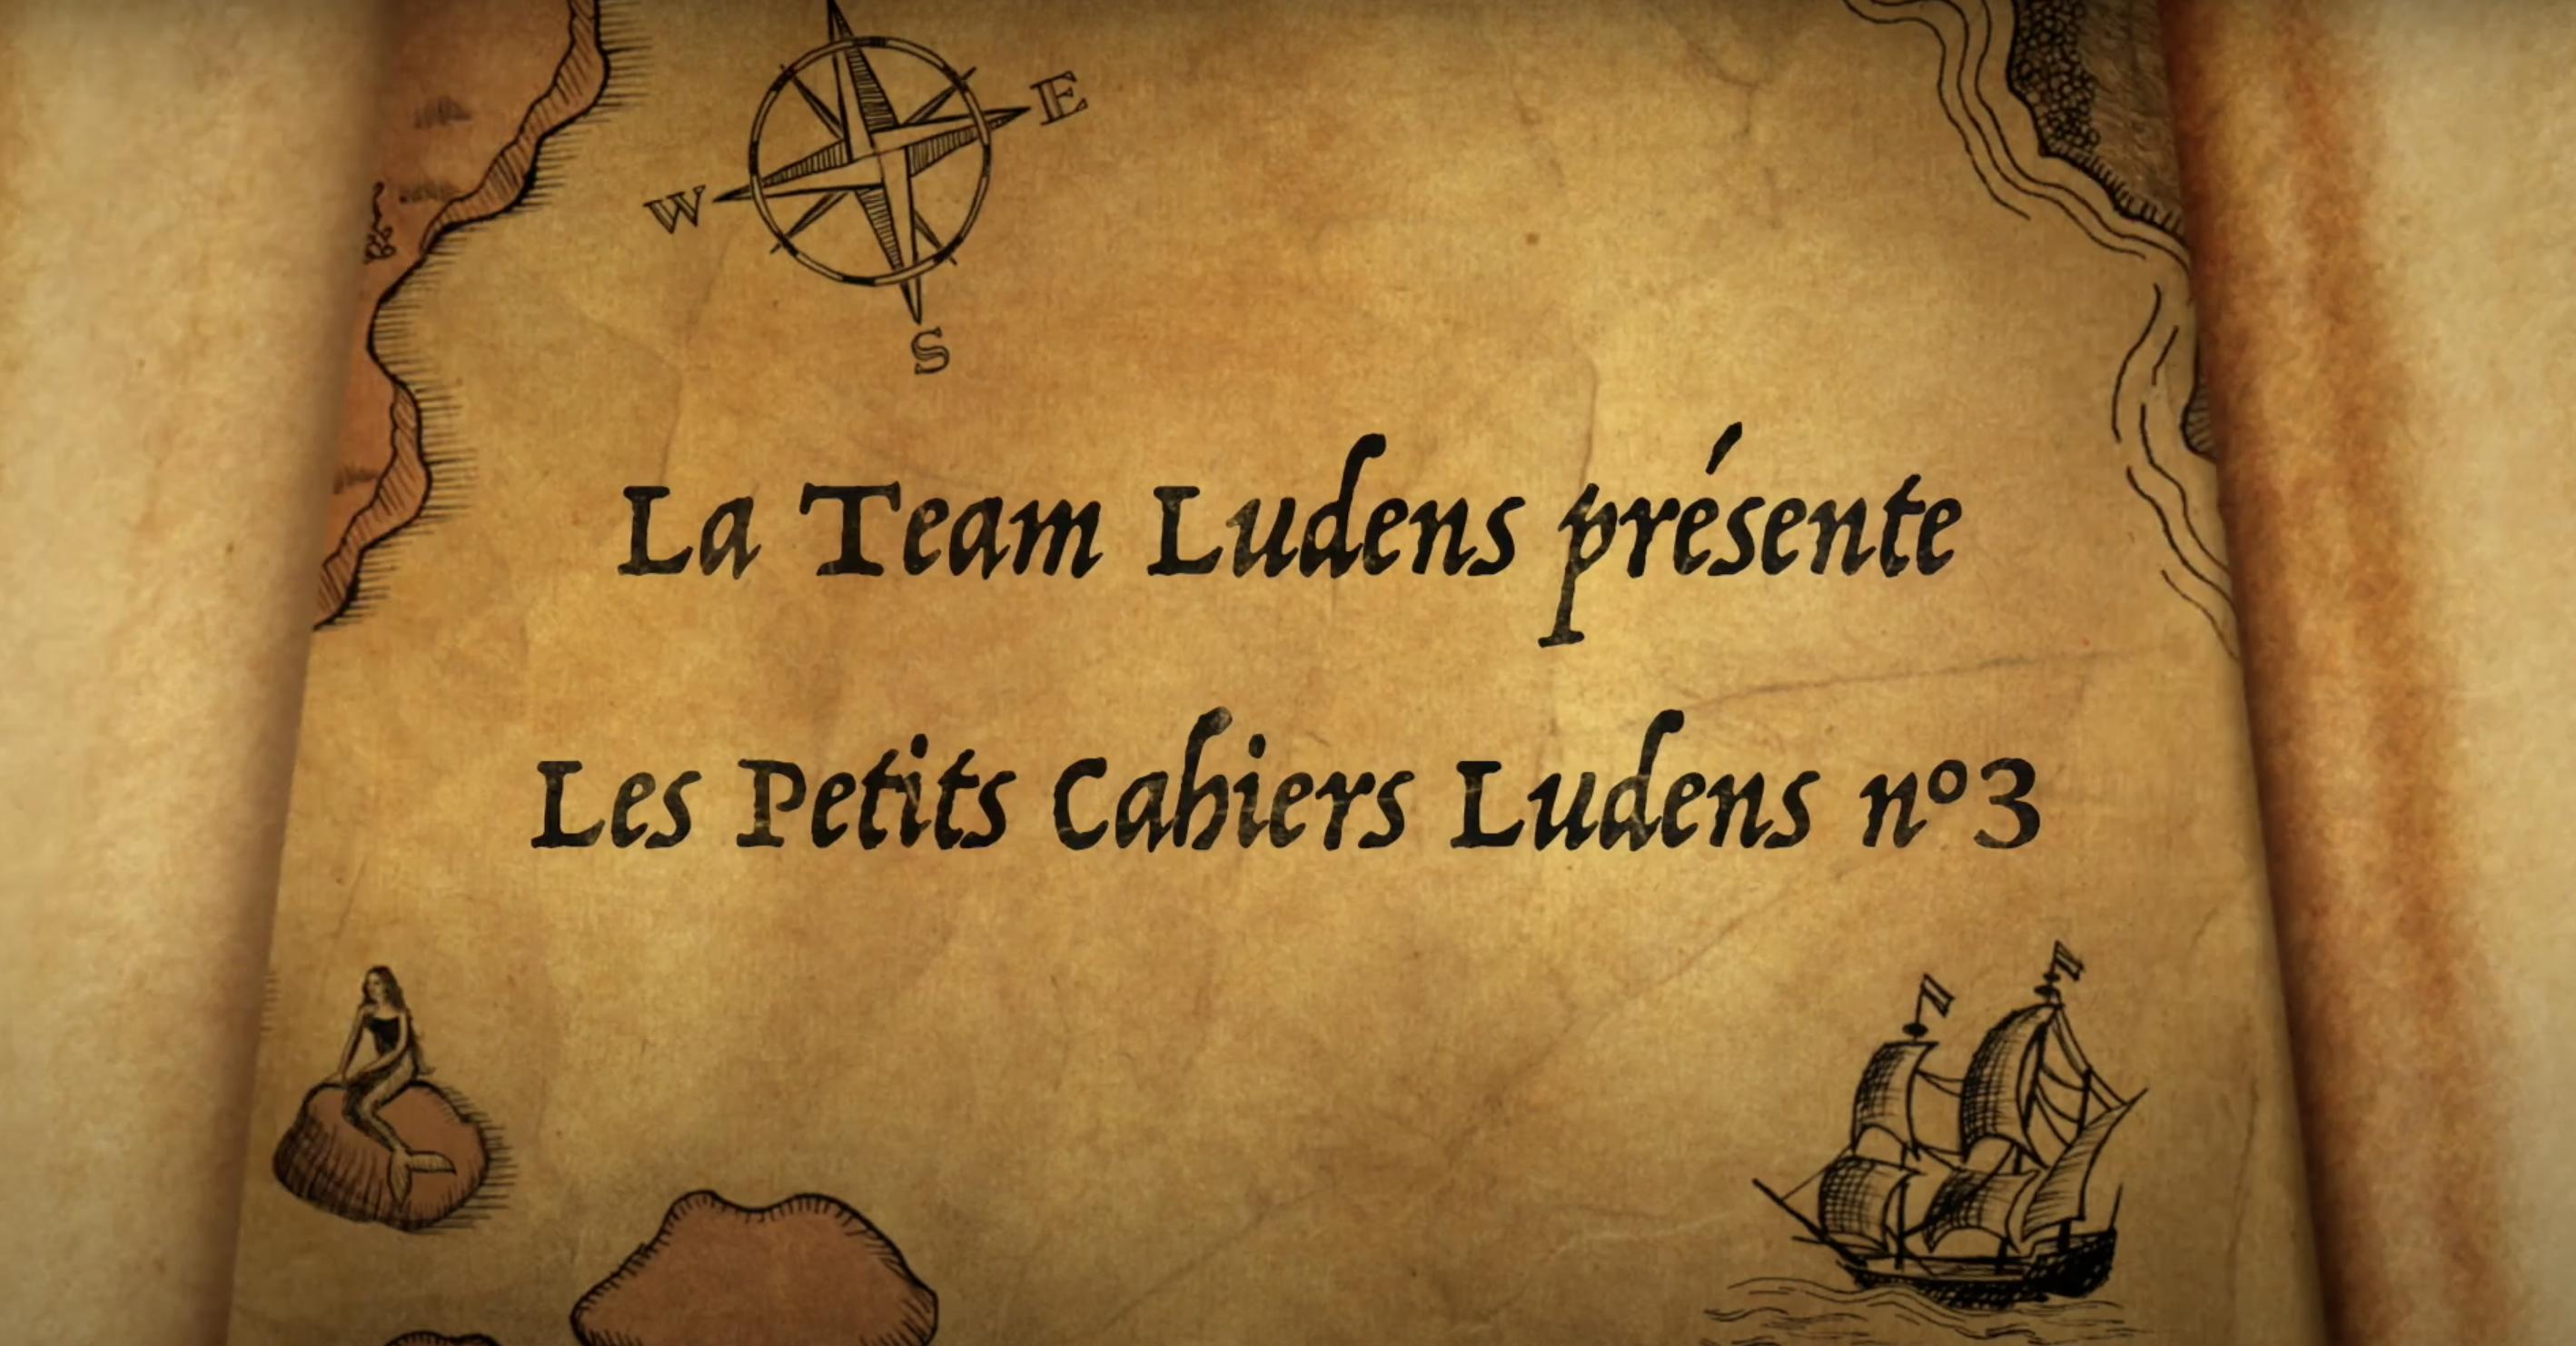 Les Petits Cahiers Ludens n°3